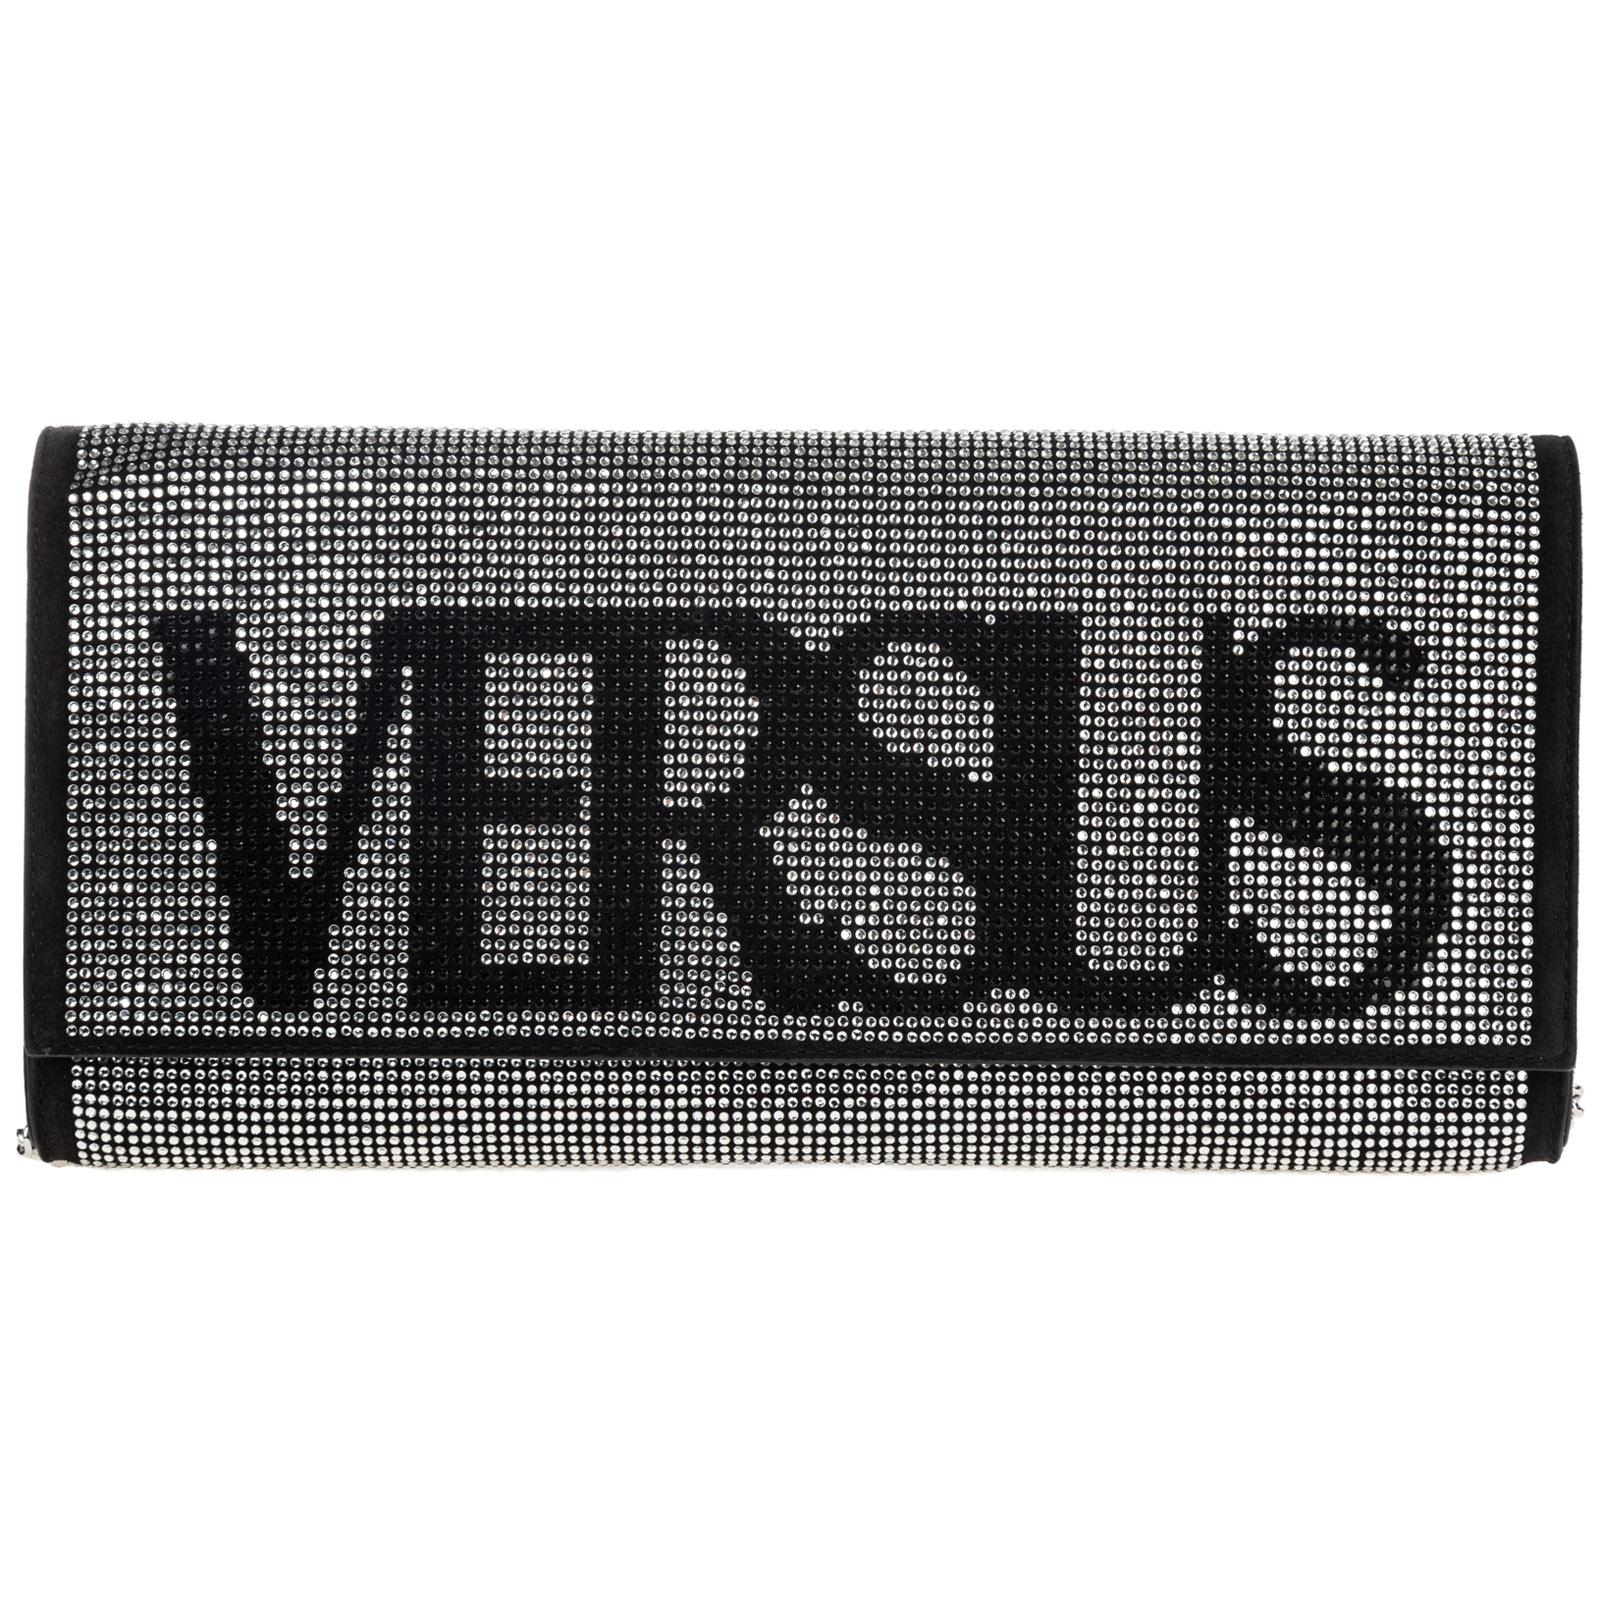 Women's leather clutch with shoulder strap handbag bag purse  vintage logo